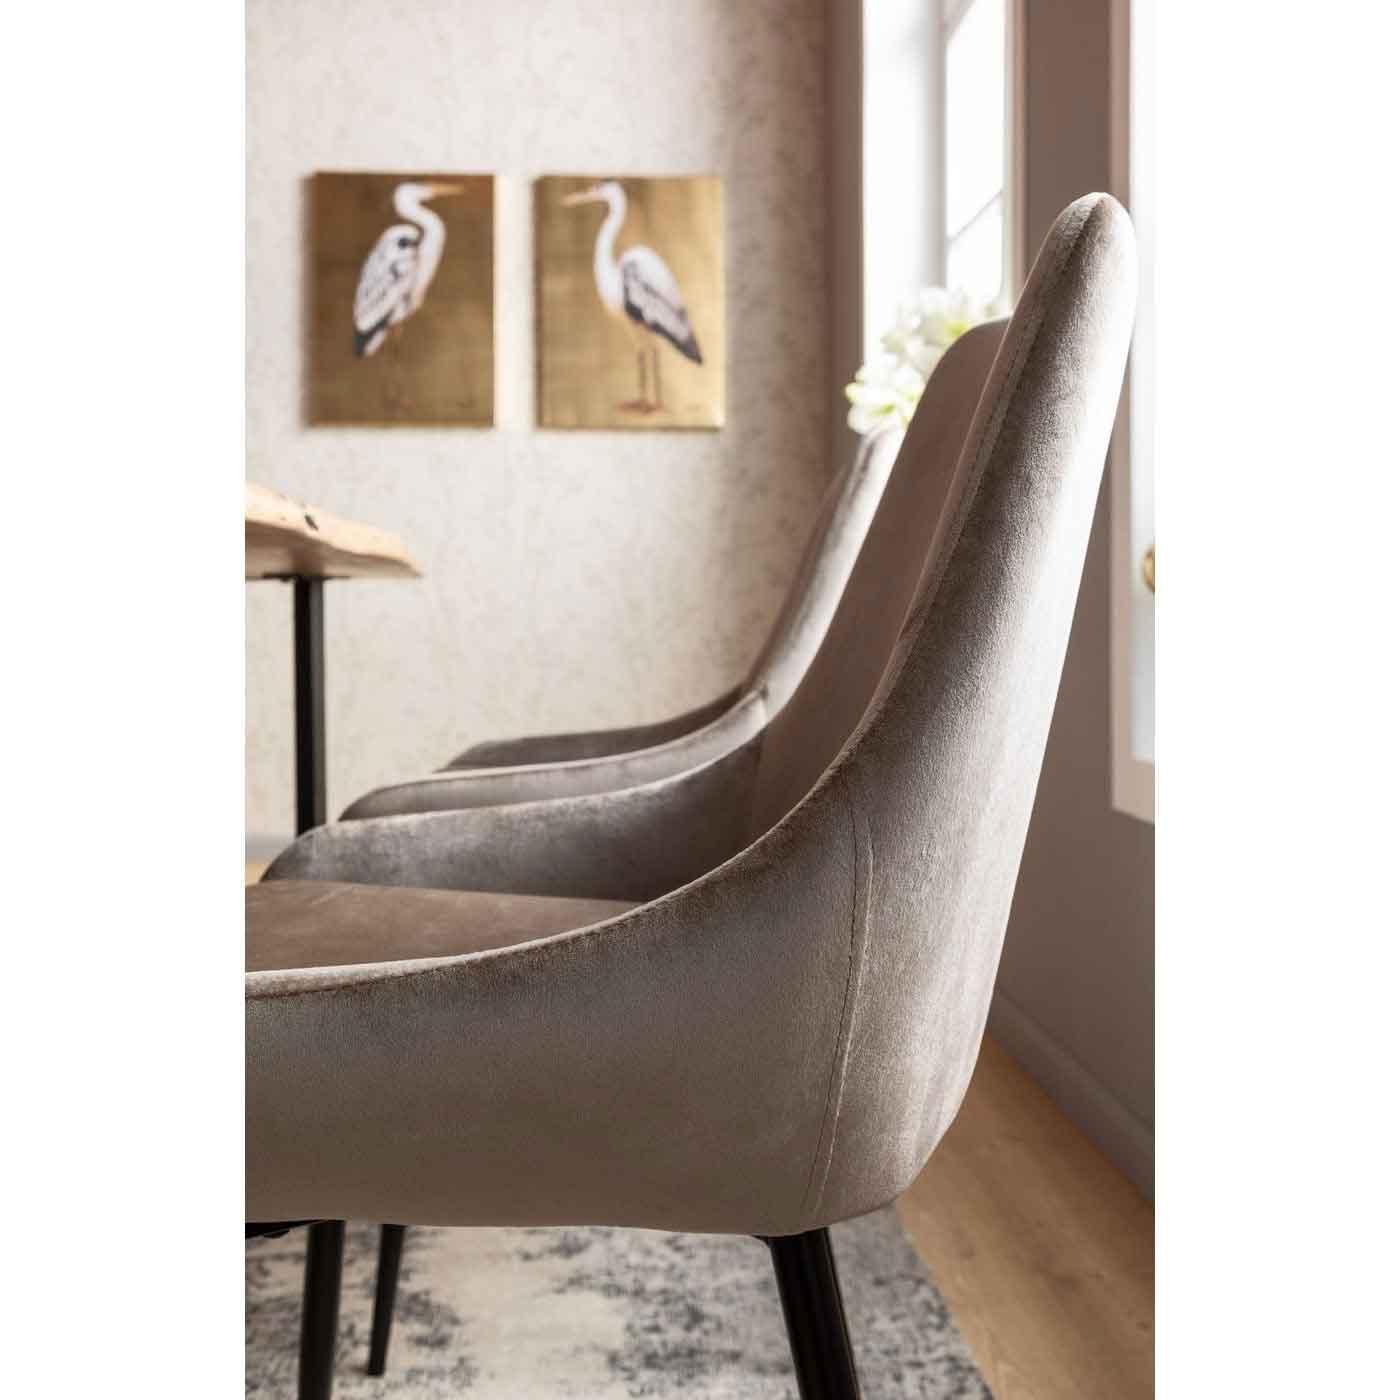 KARE DESIGN East Side spisebordsstol skinnende sandfarvet stof og sort pulverlakeret stål